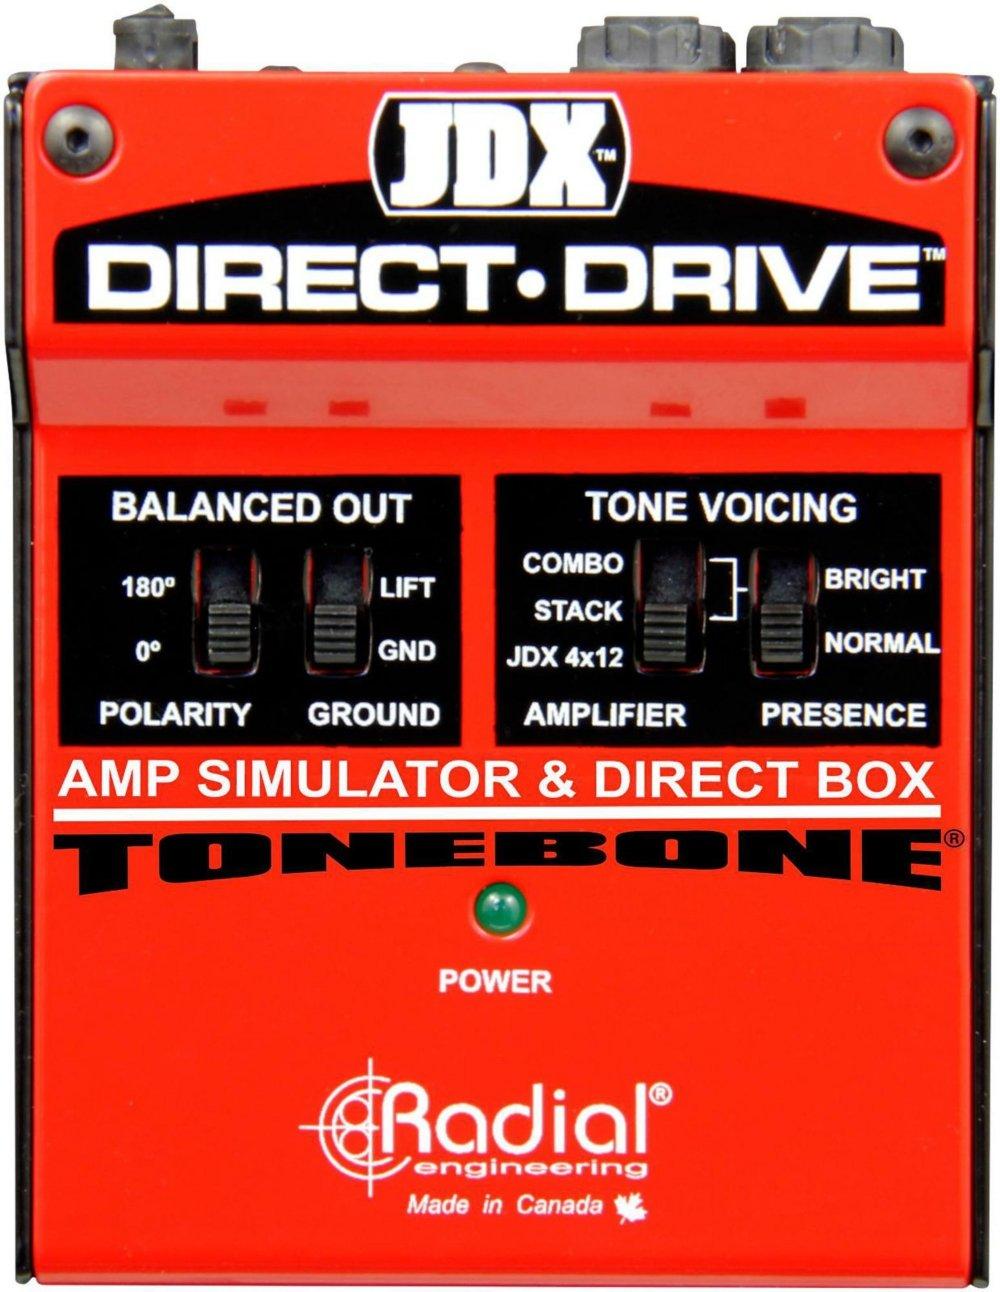 Radial JDX Direct-Drive Amp Simulator and DI Box R800 1404